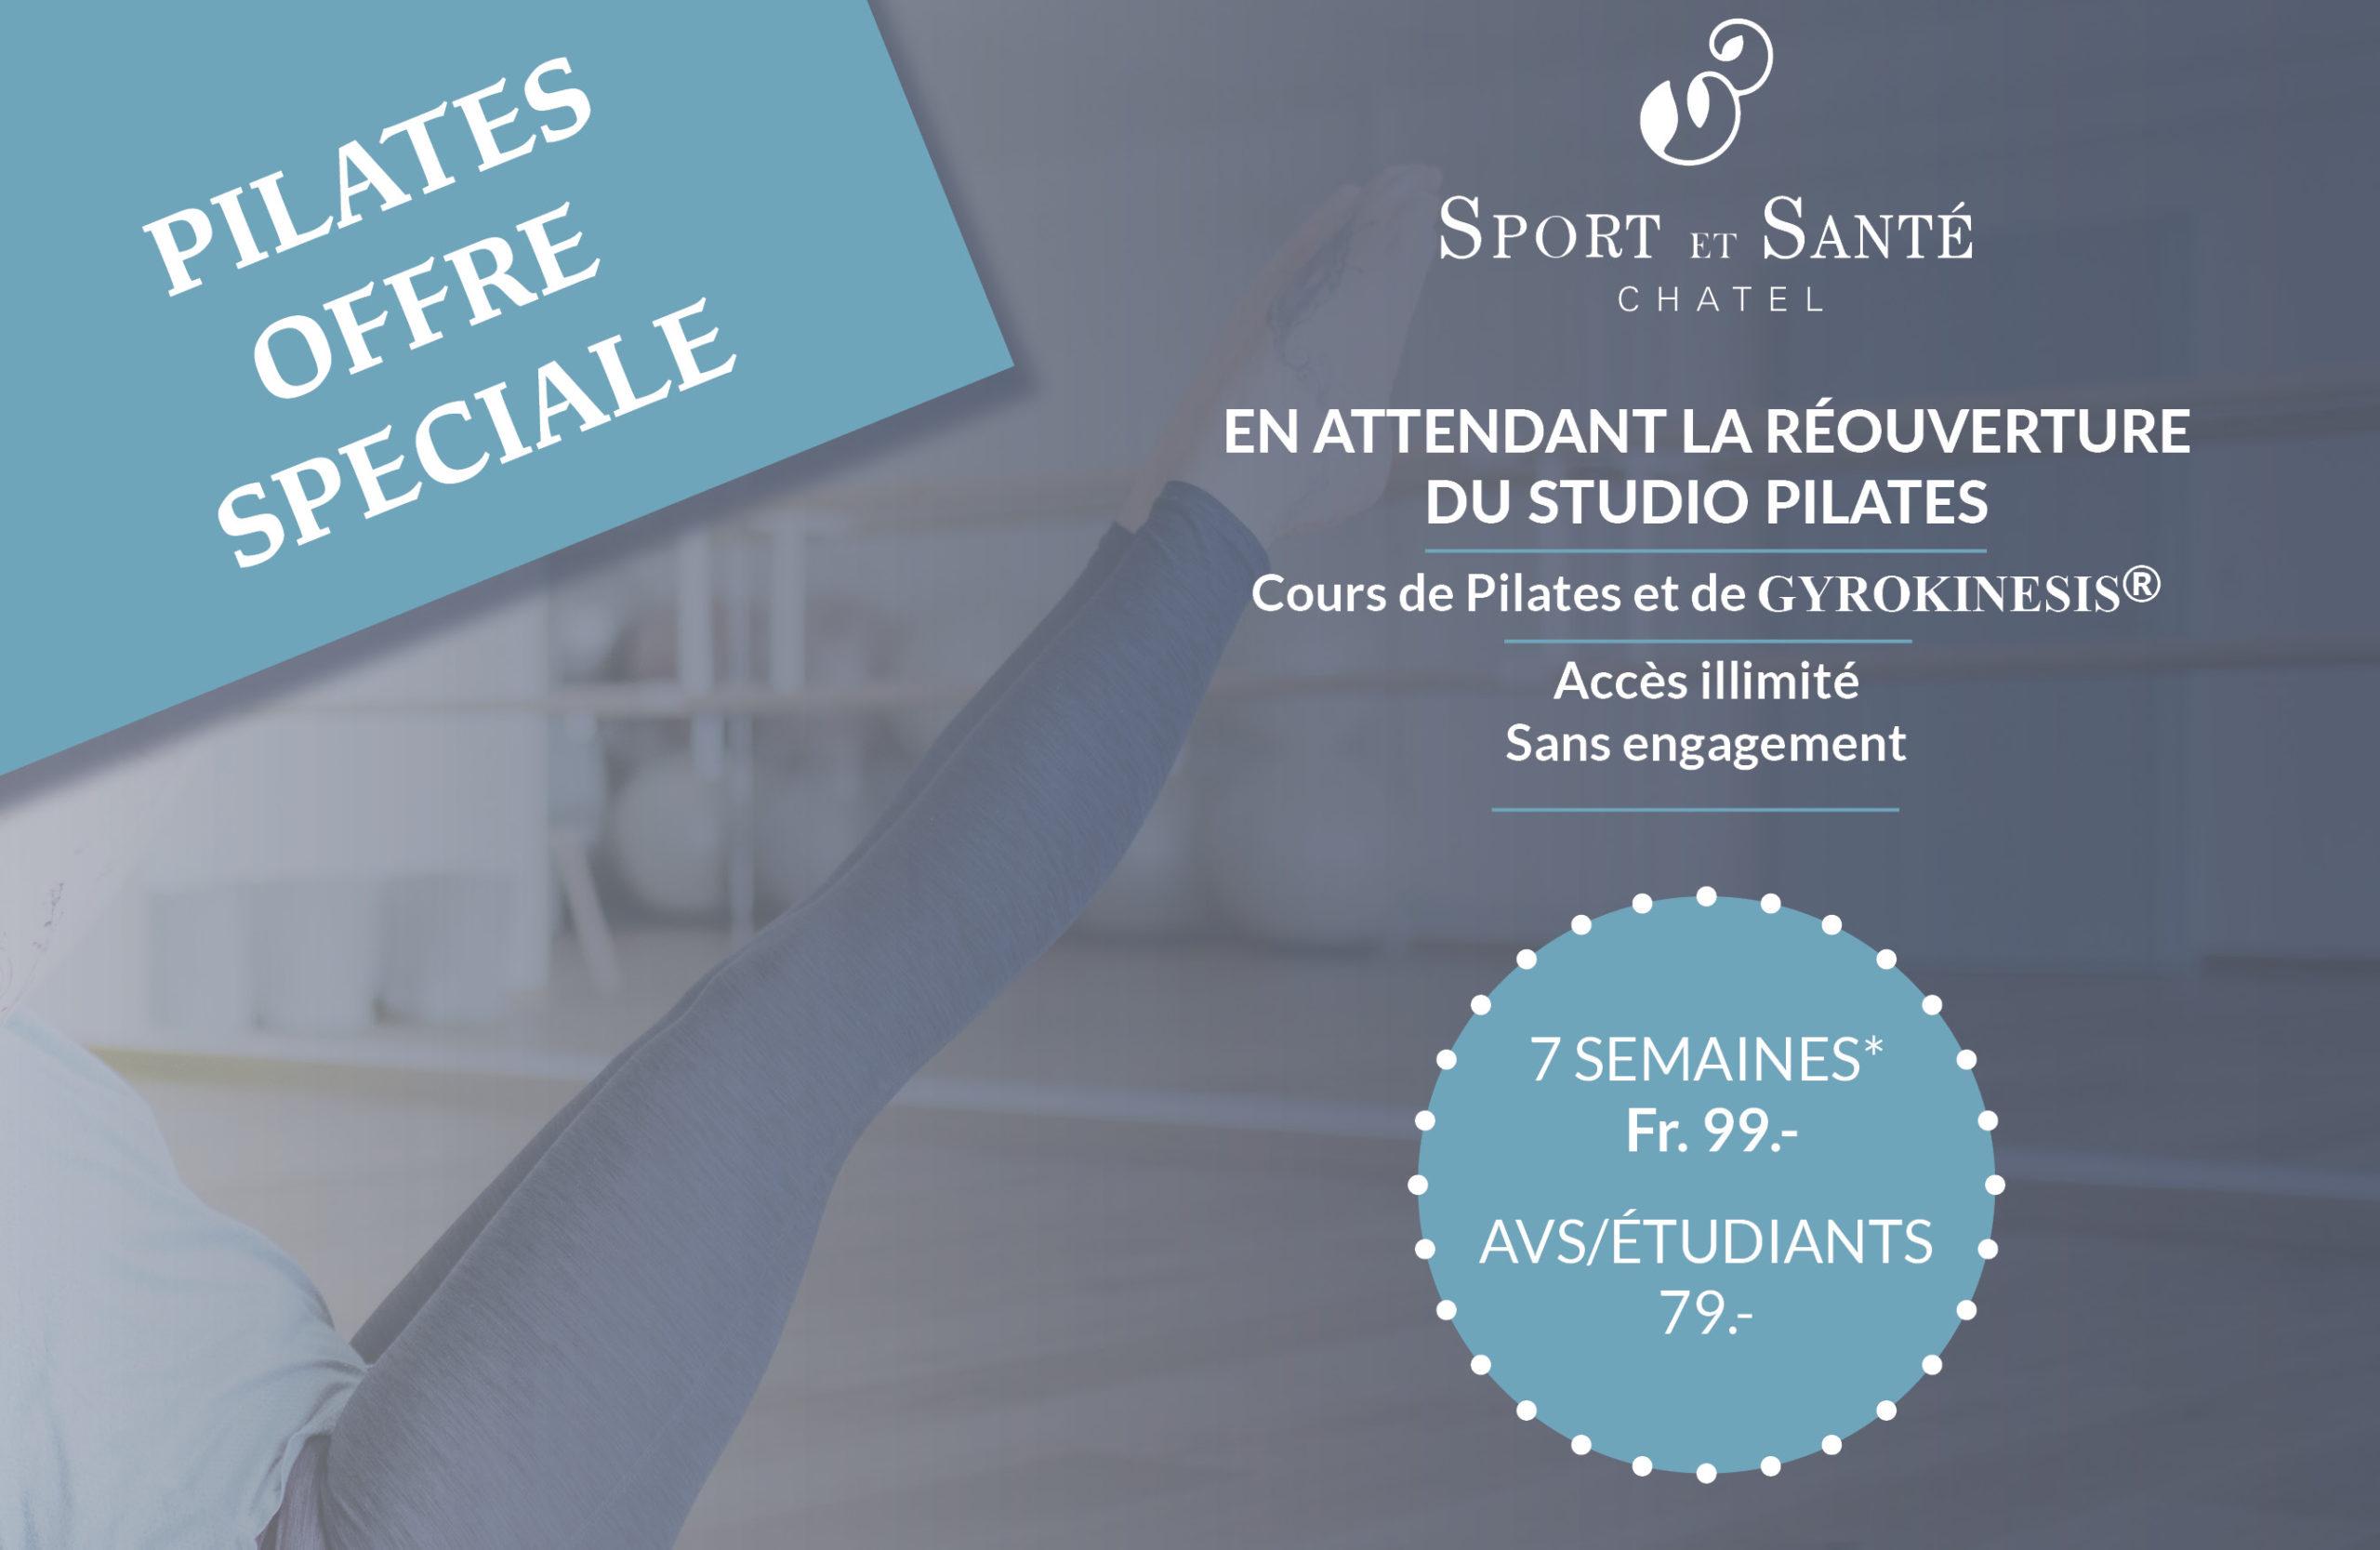 Le planning de Pilates du 20 avril au 7 juin